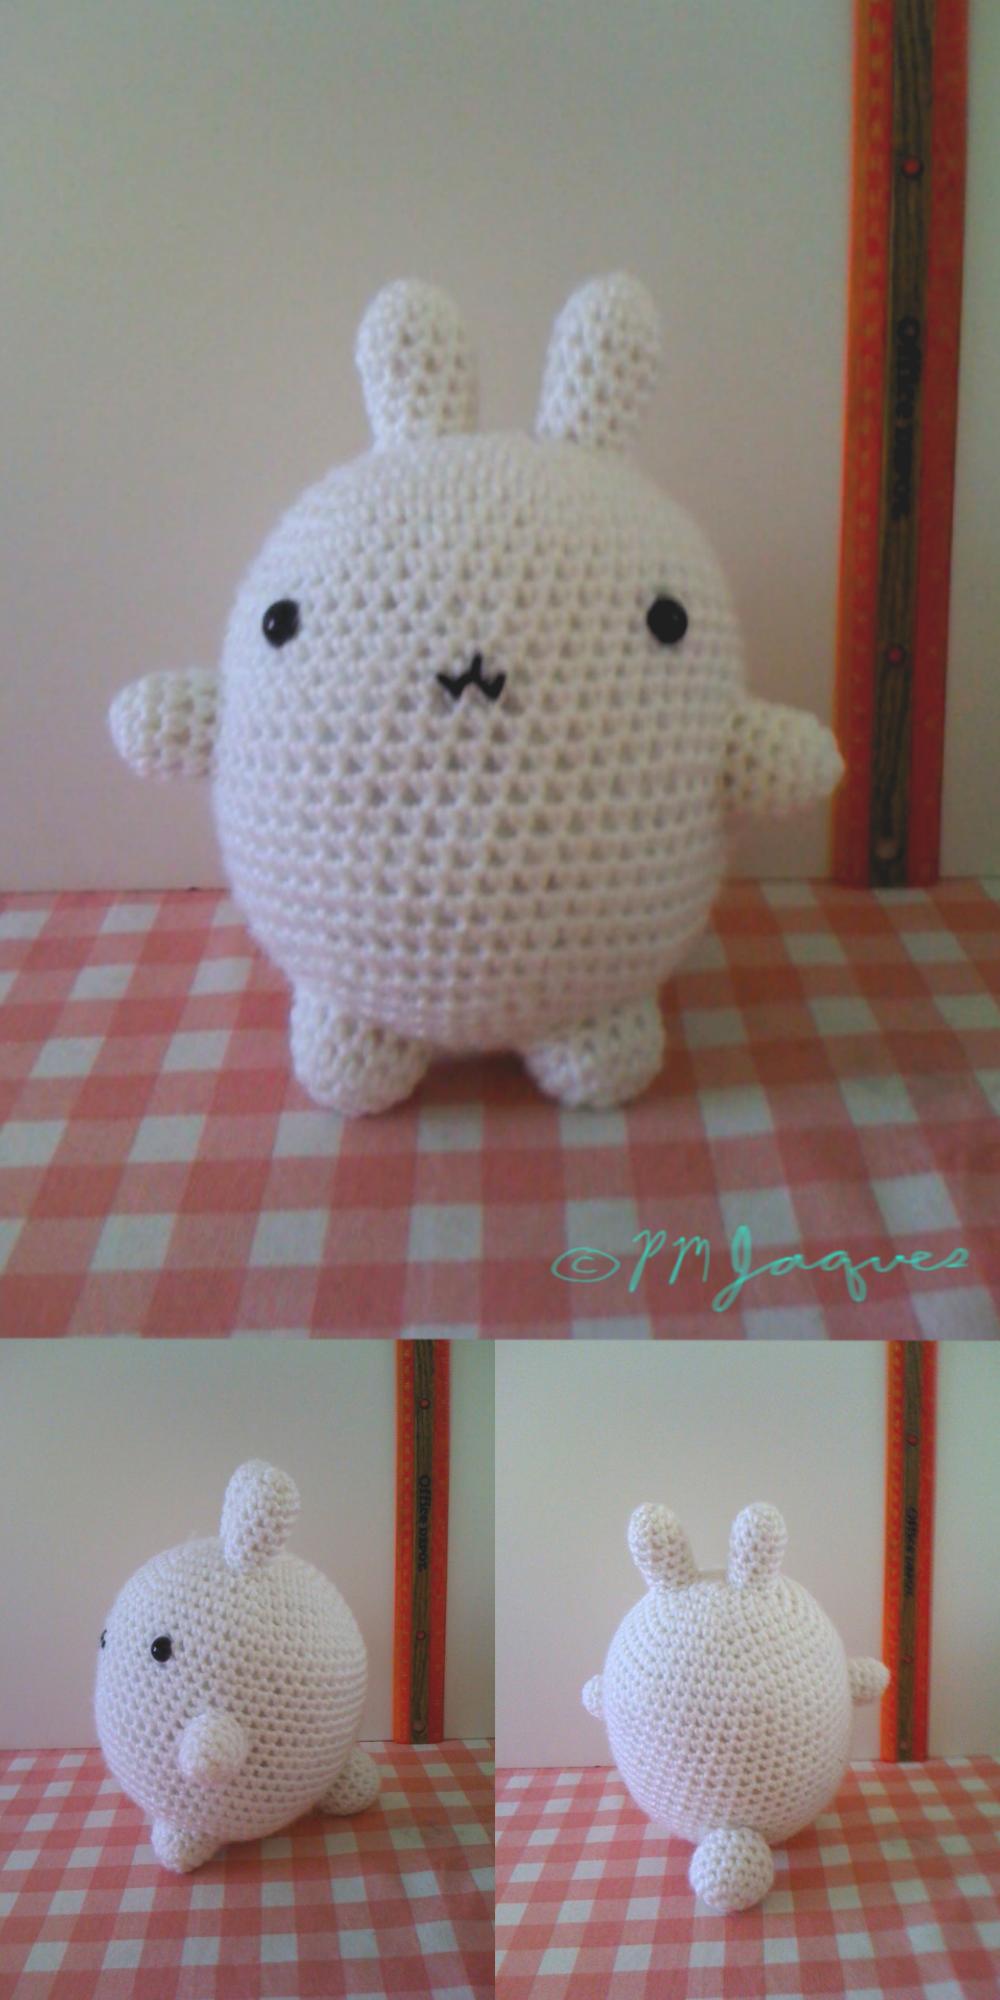 LiteVirkning -Crochet Molang and PiuPiu. Virkad Molang och Piupiu ... | 2000x1000